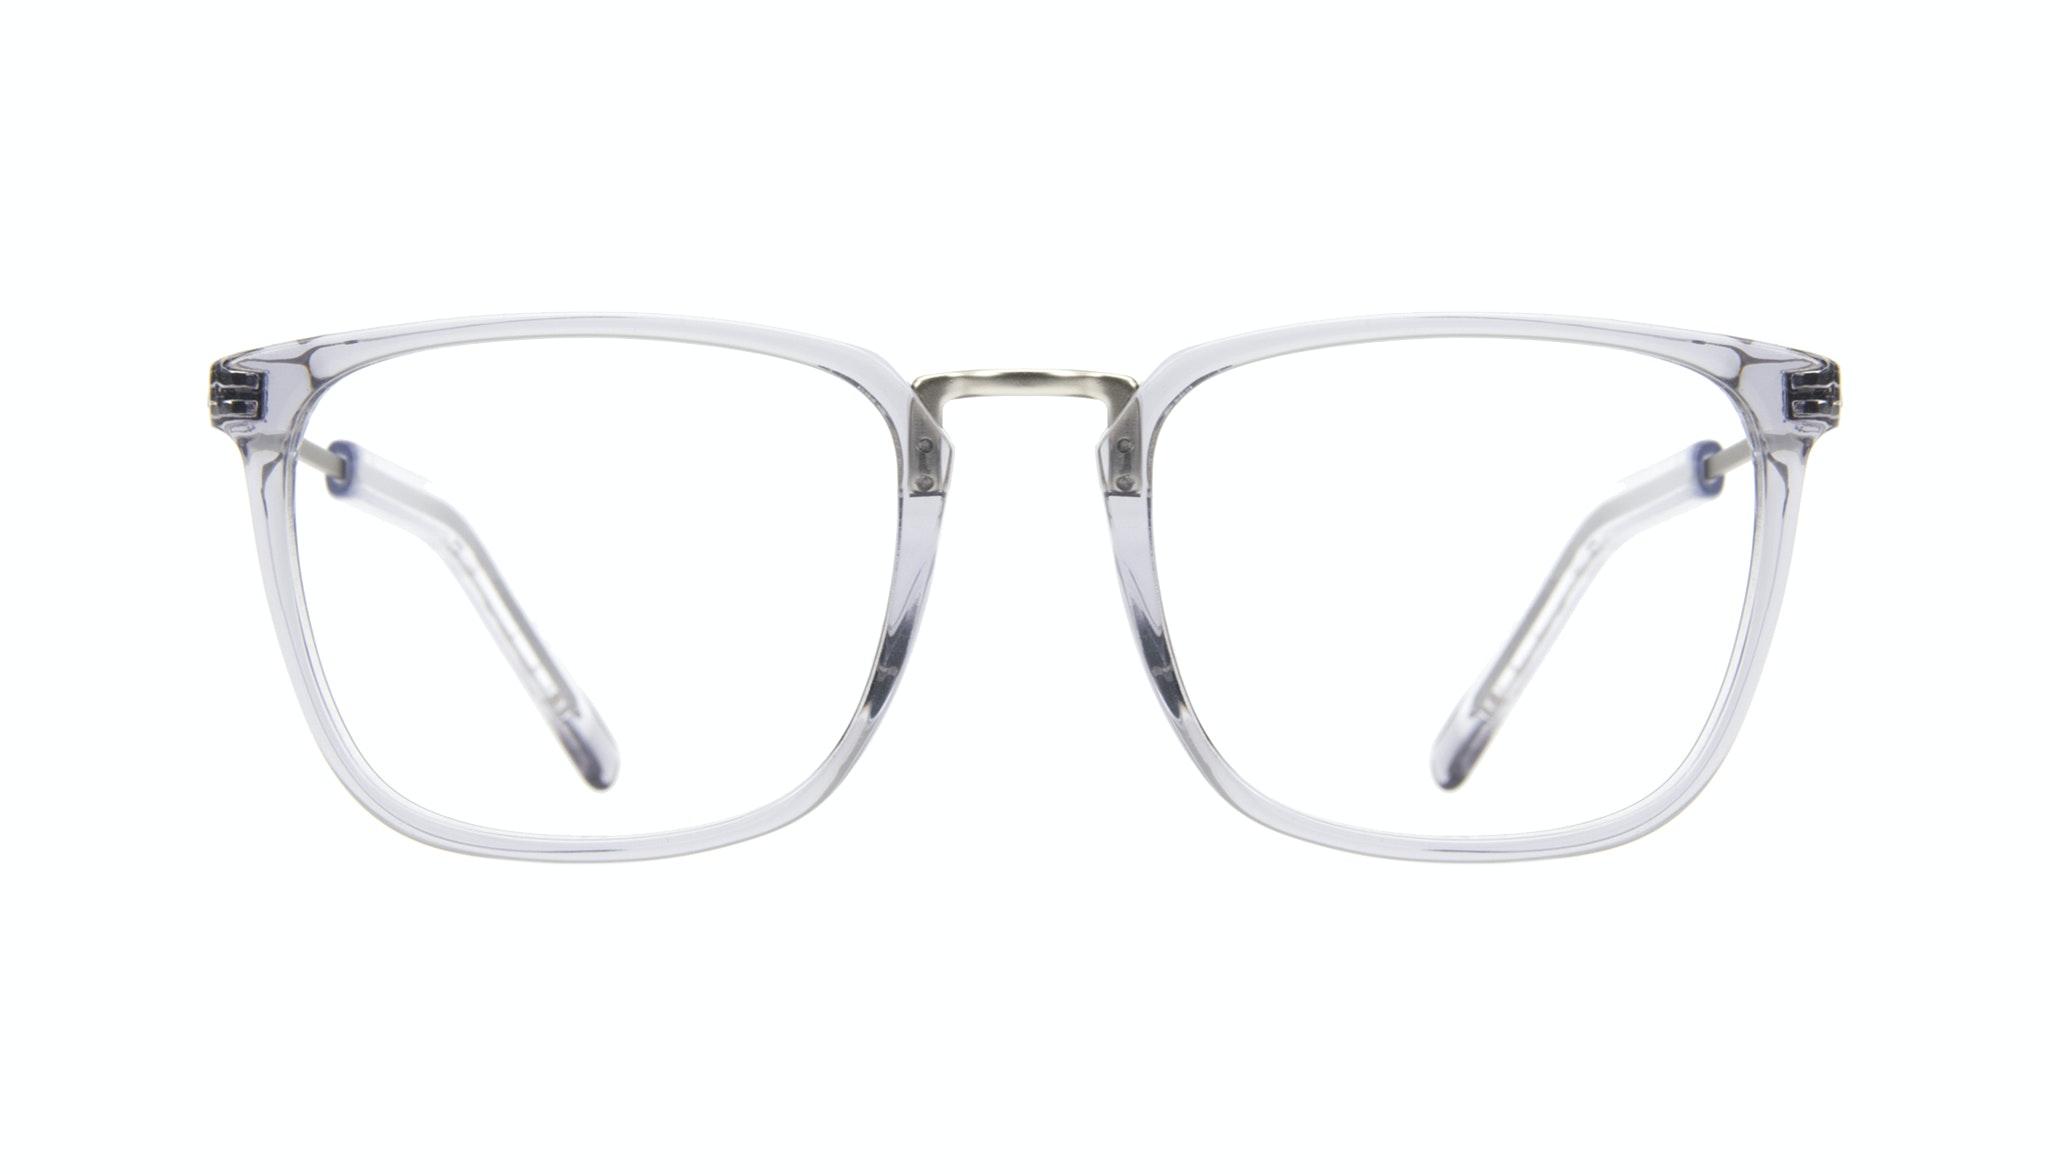 Affordable Fashion Glasses Rectangle Square Eyeglasses Men Current Steel